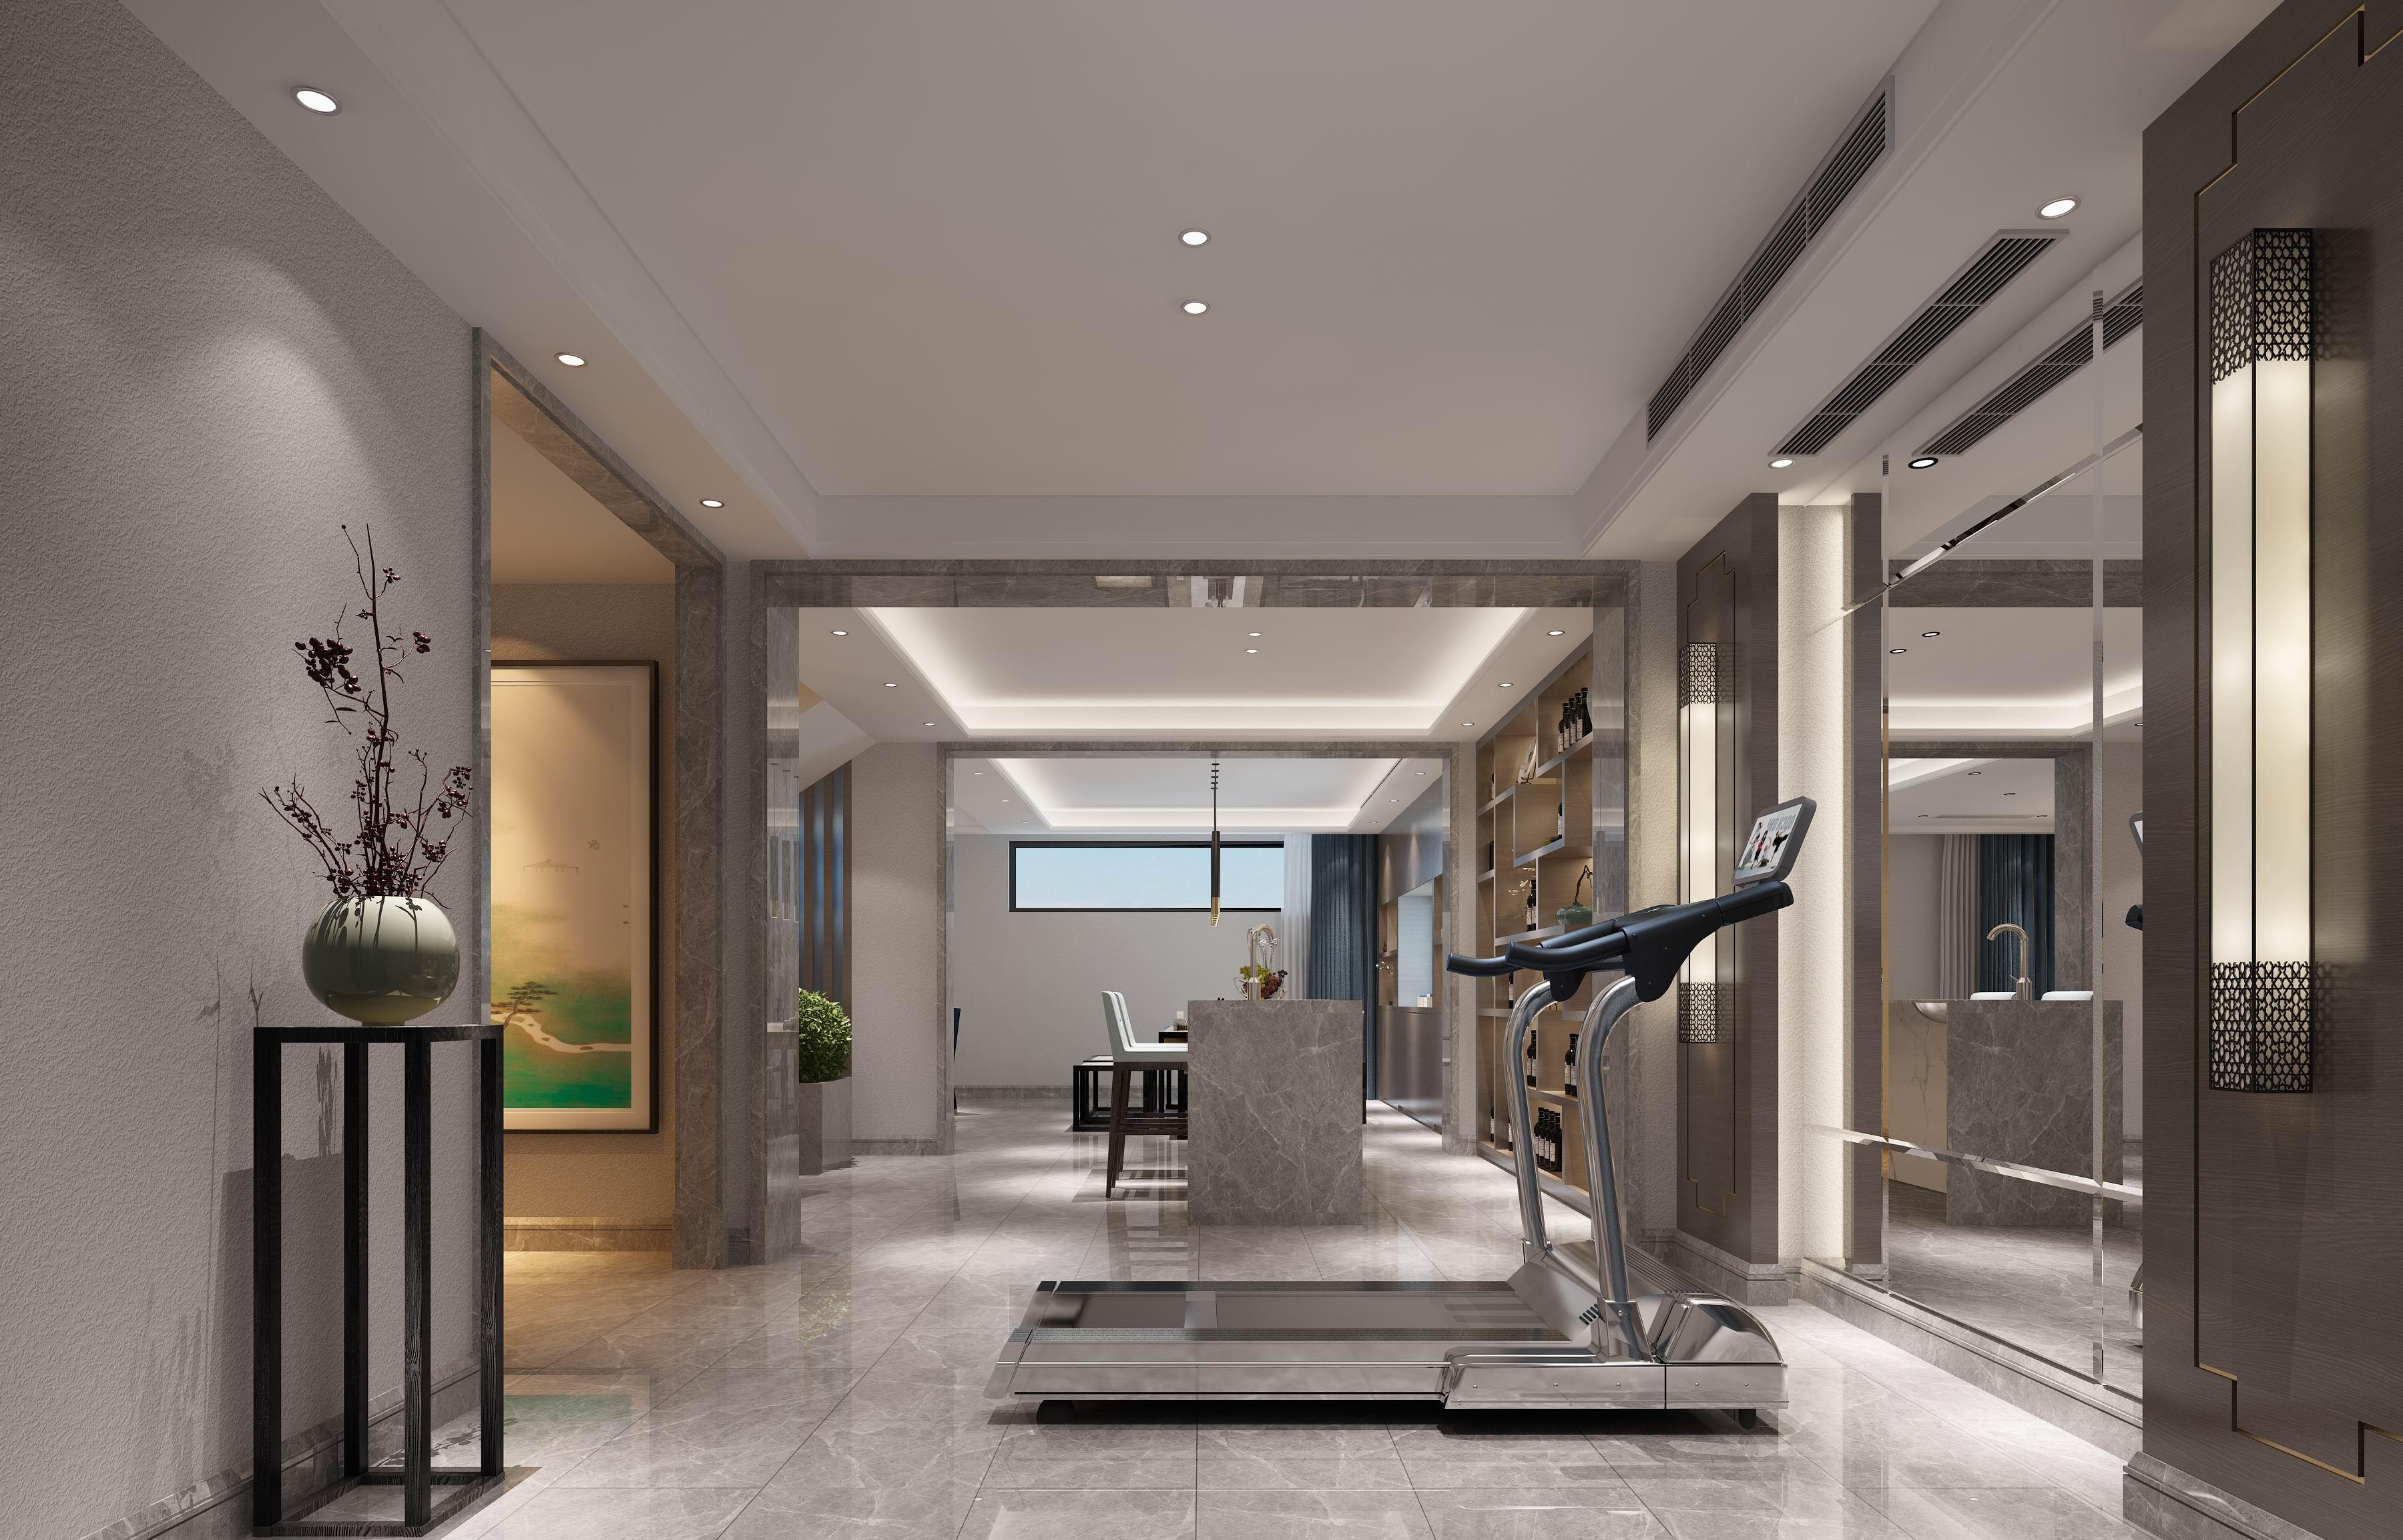 别墅 设计 装修 案例 现代中式 健身区图片来自无锡别墅设计s在中建城中墅310㎡现代中式风格的分享